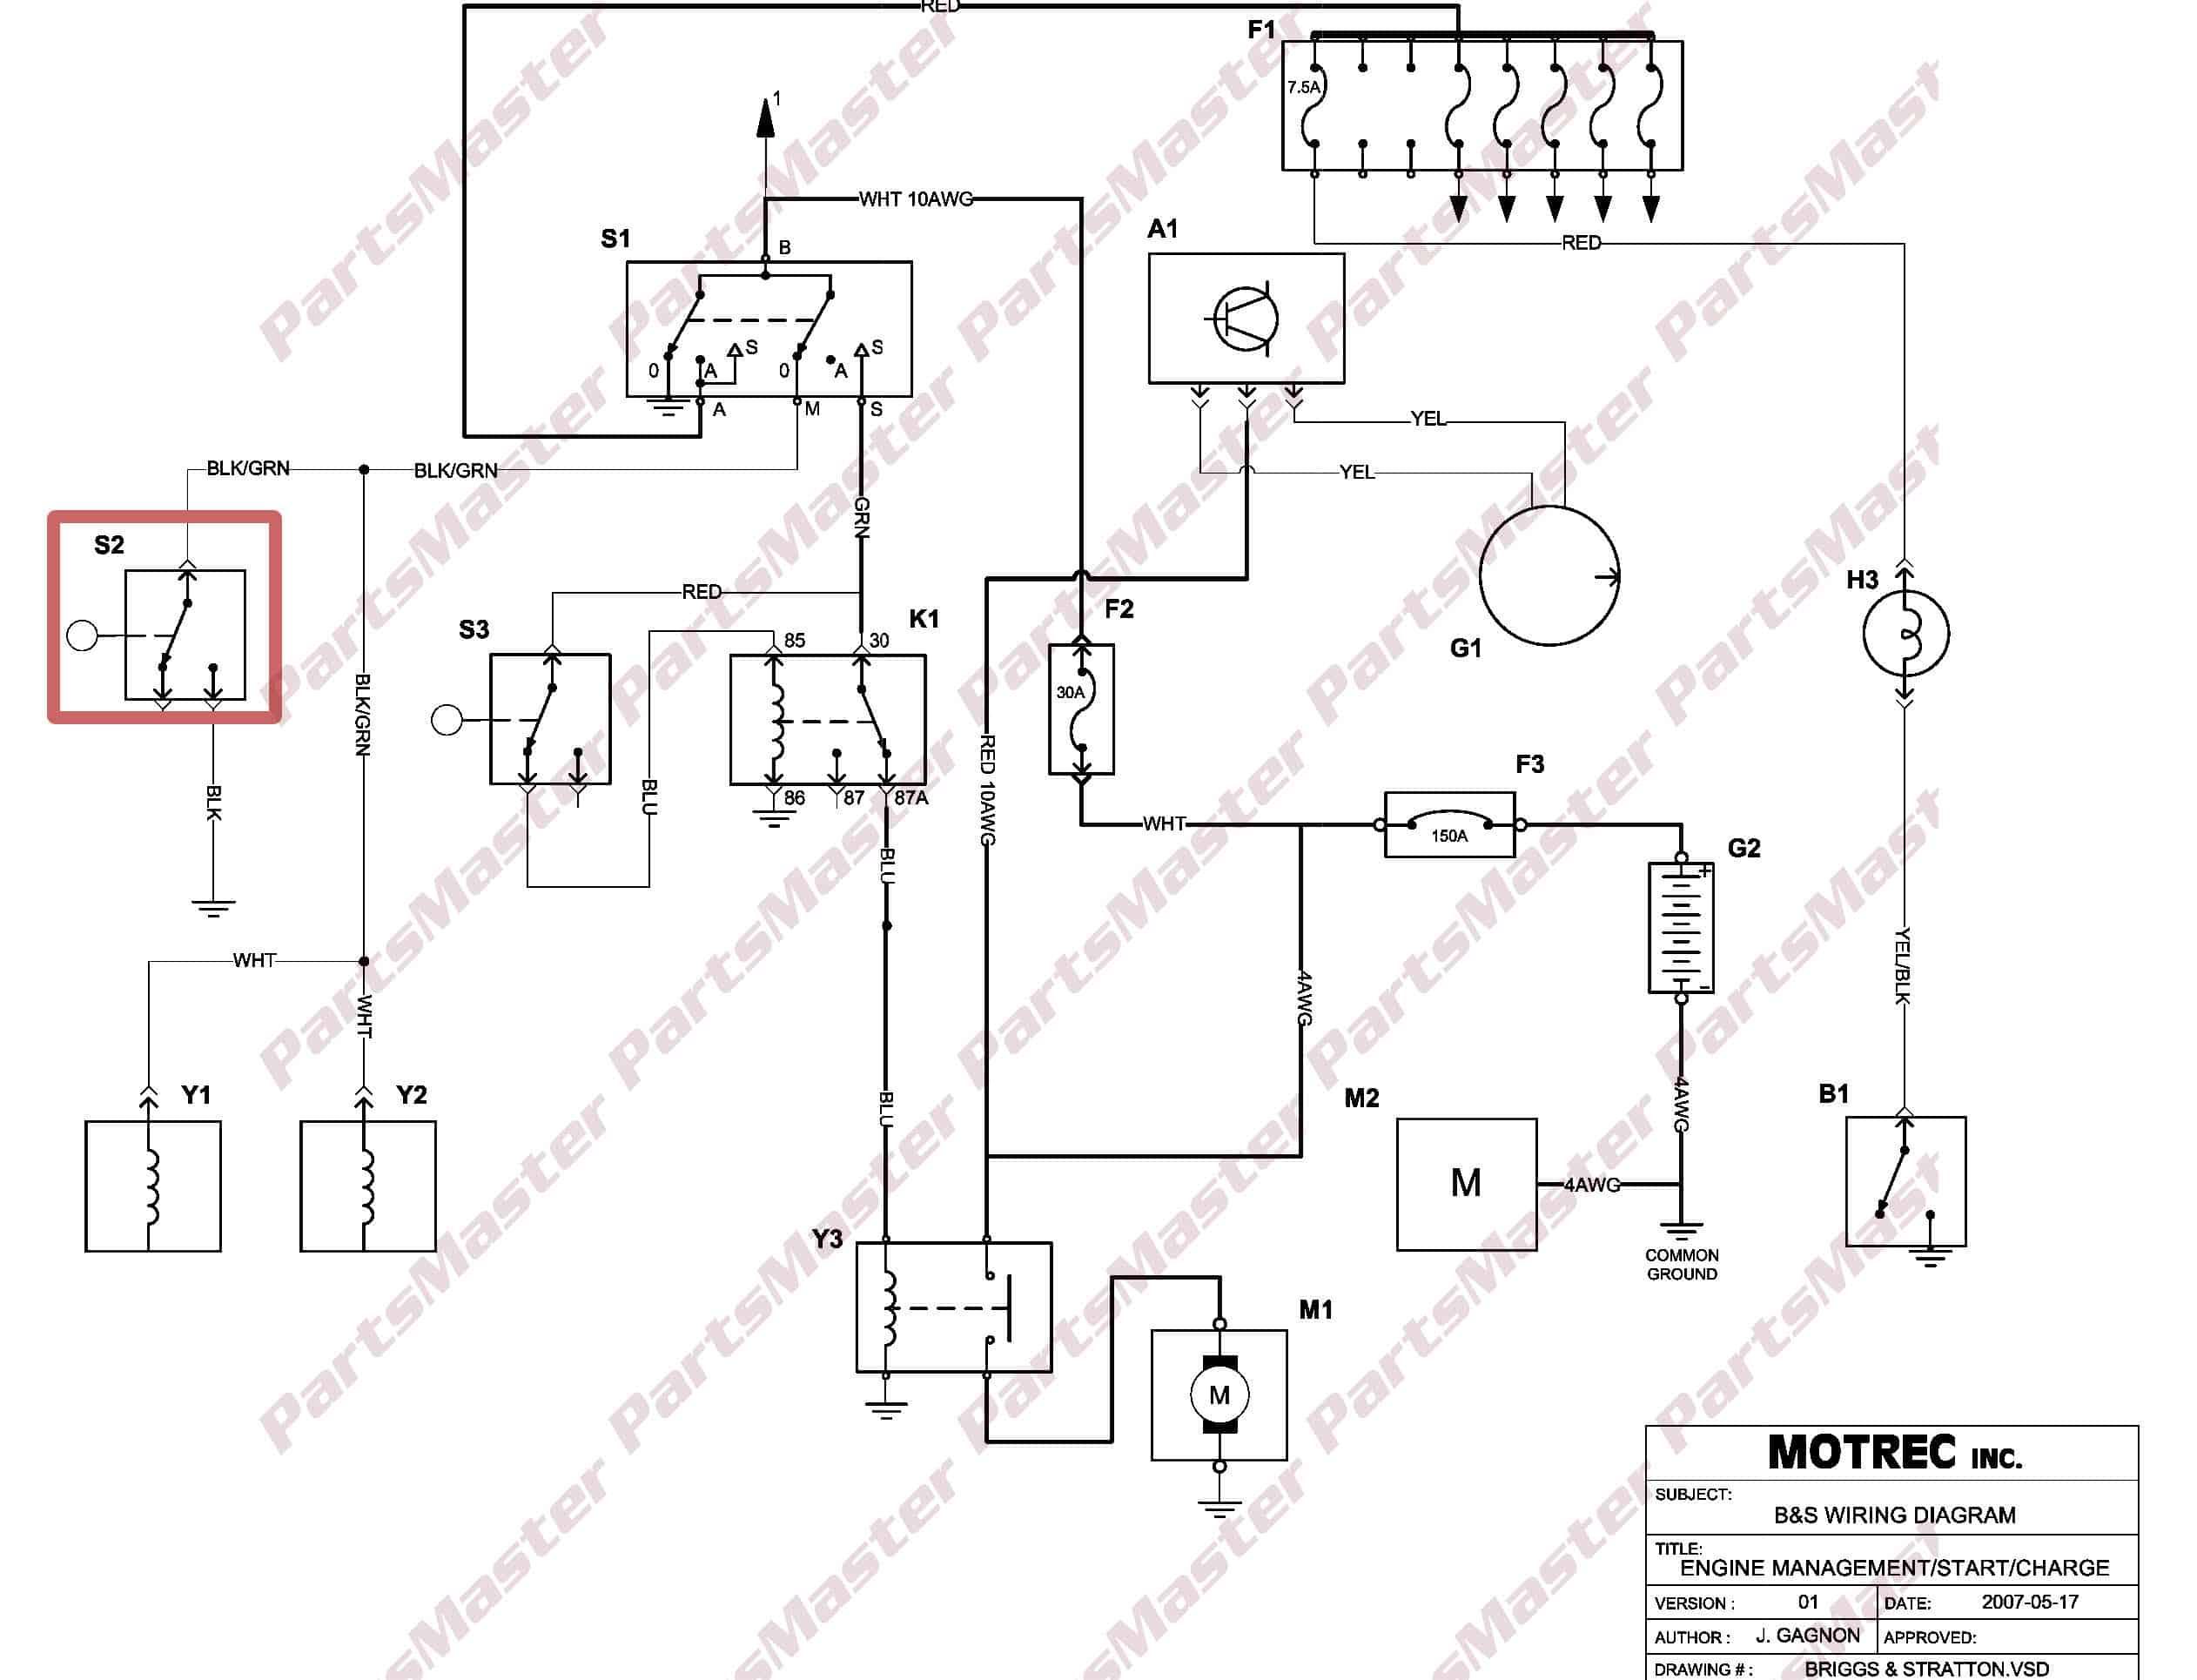 motrec wiring diagram cat wiring diagram wiring library rh seethelaw com motrec wiring diagram Motrec Vistas